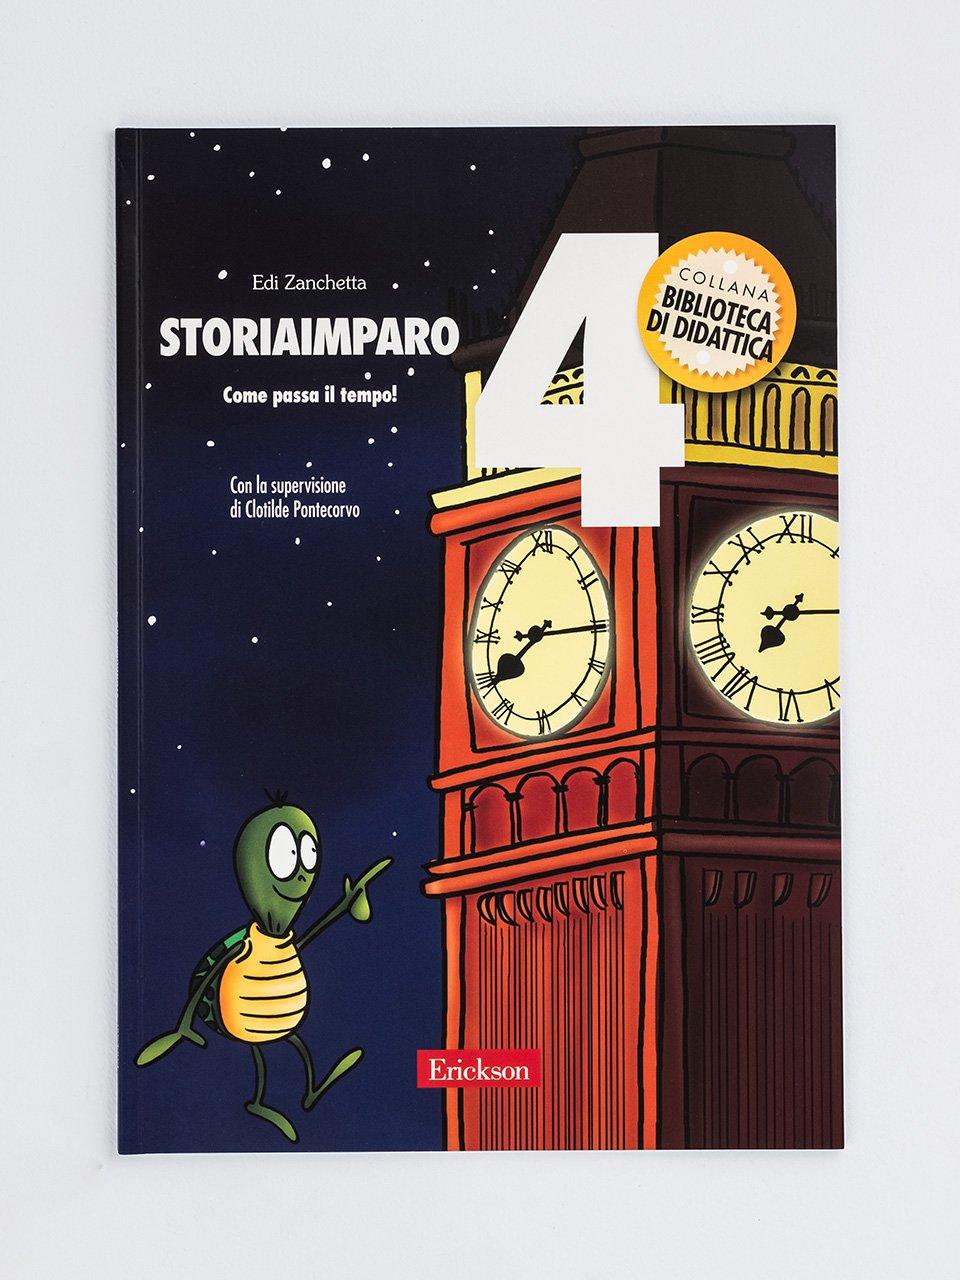 StoriaImparo 4 - Storie per 20 regioni - Libri - Erickson